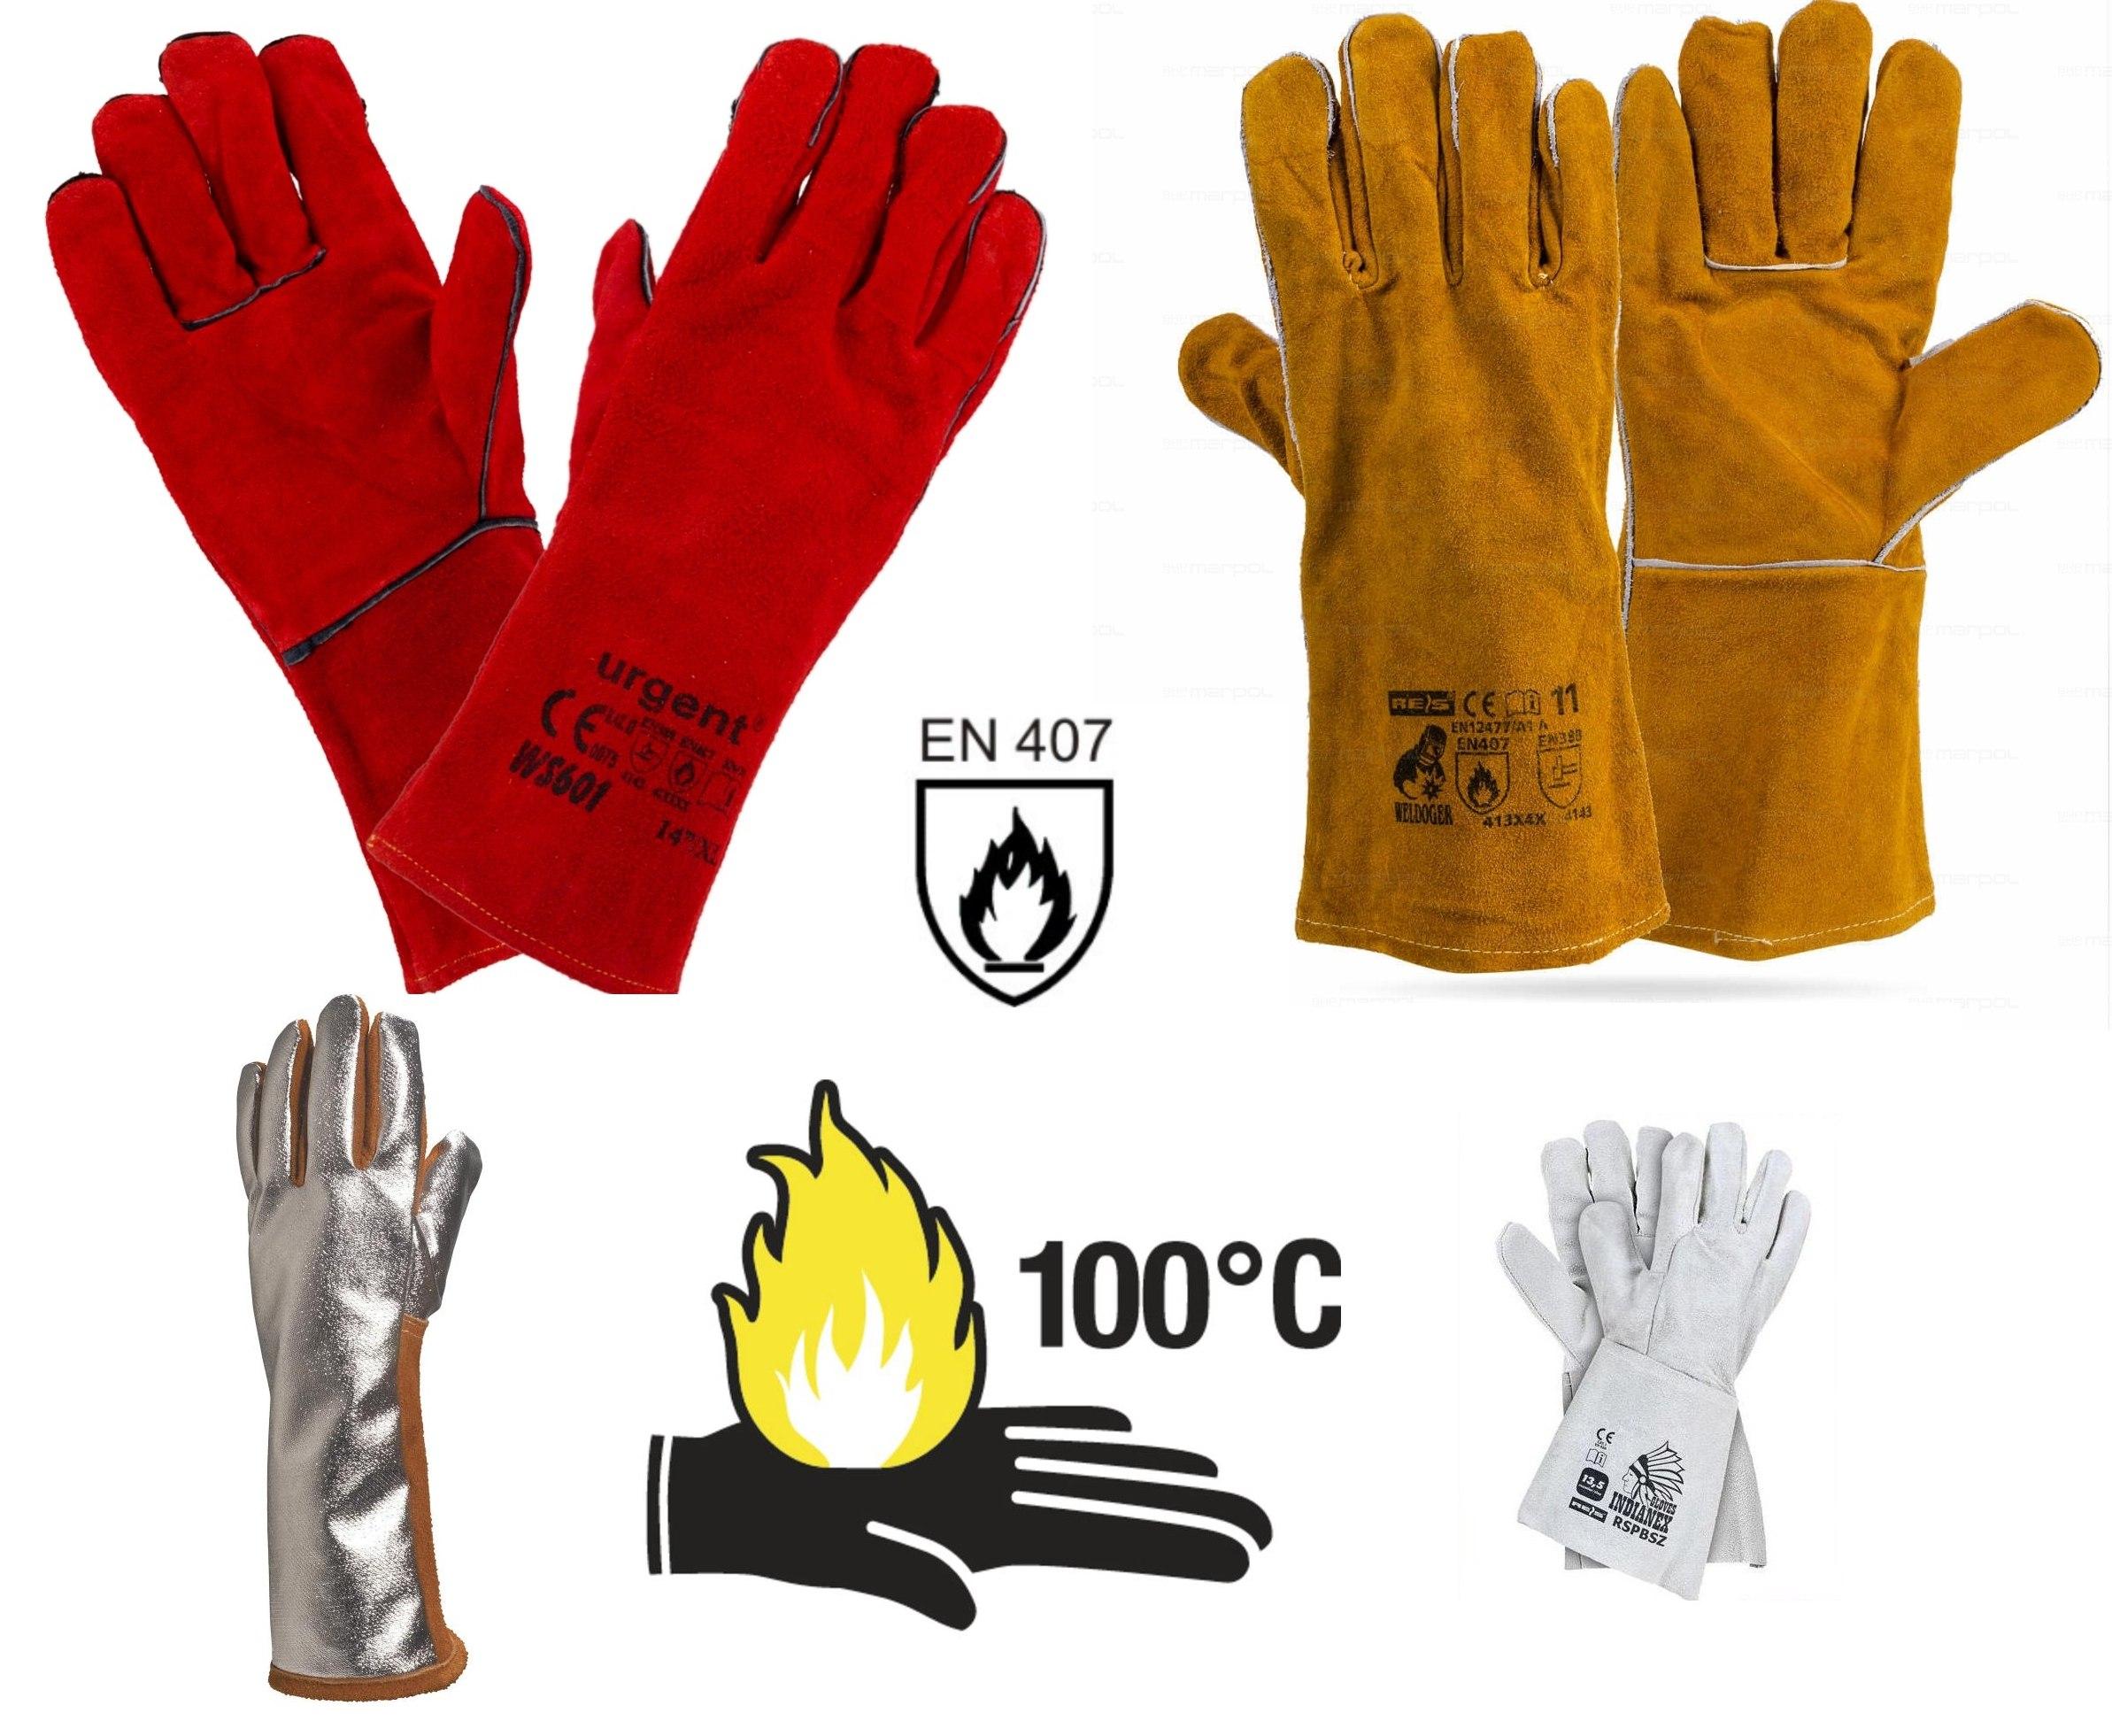 9fbb9cf9312edc Rękawice spawalnicze. Rękawice spawalnicze · Rękawice ochronne  antyprzecięciowe